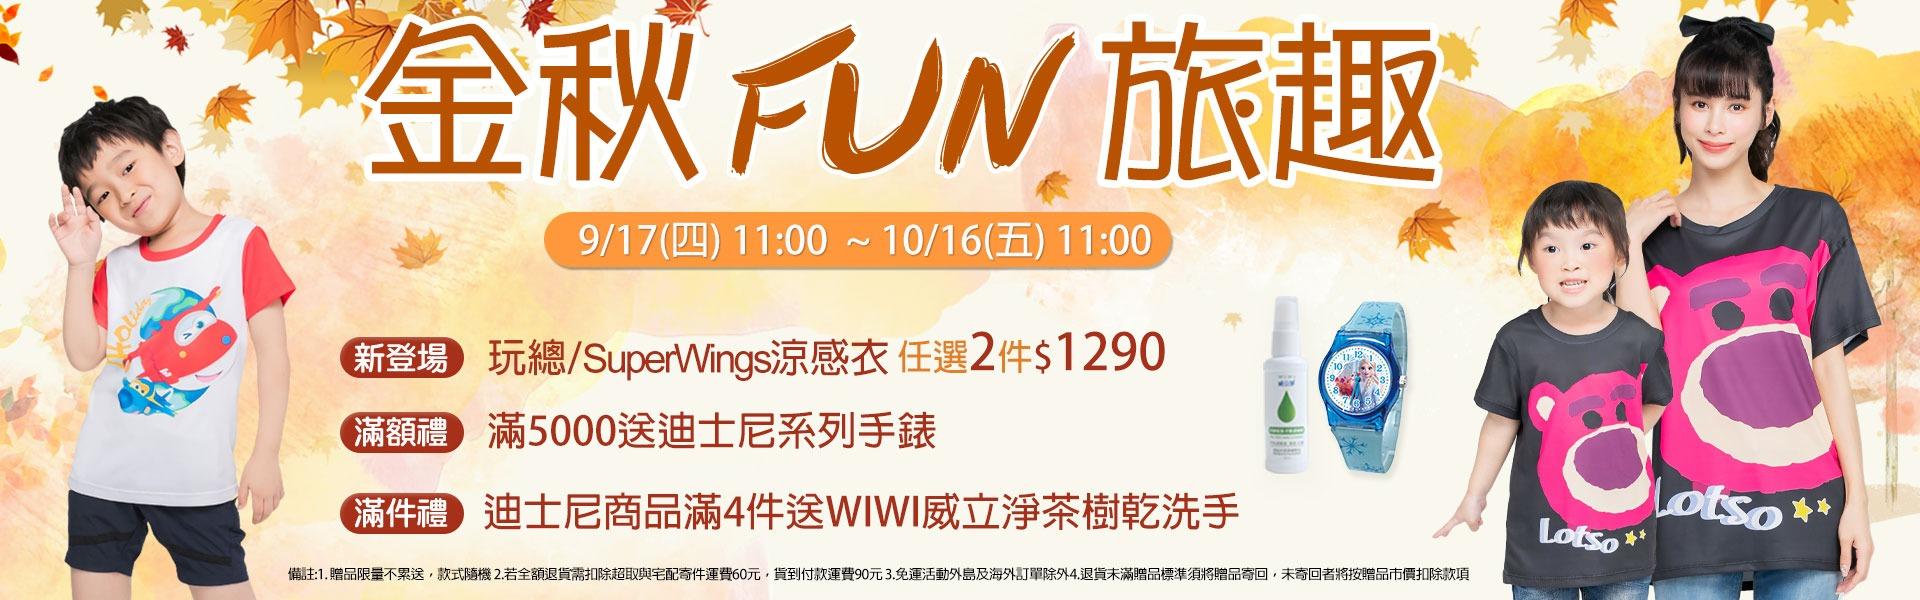 金秋Fun旅趣!玩具總動員&Superwings系列涼感衣任選2件$1290